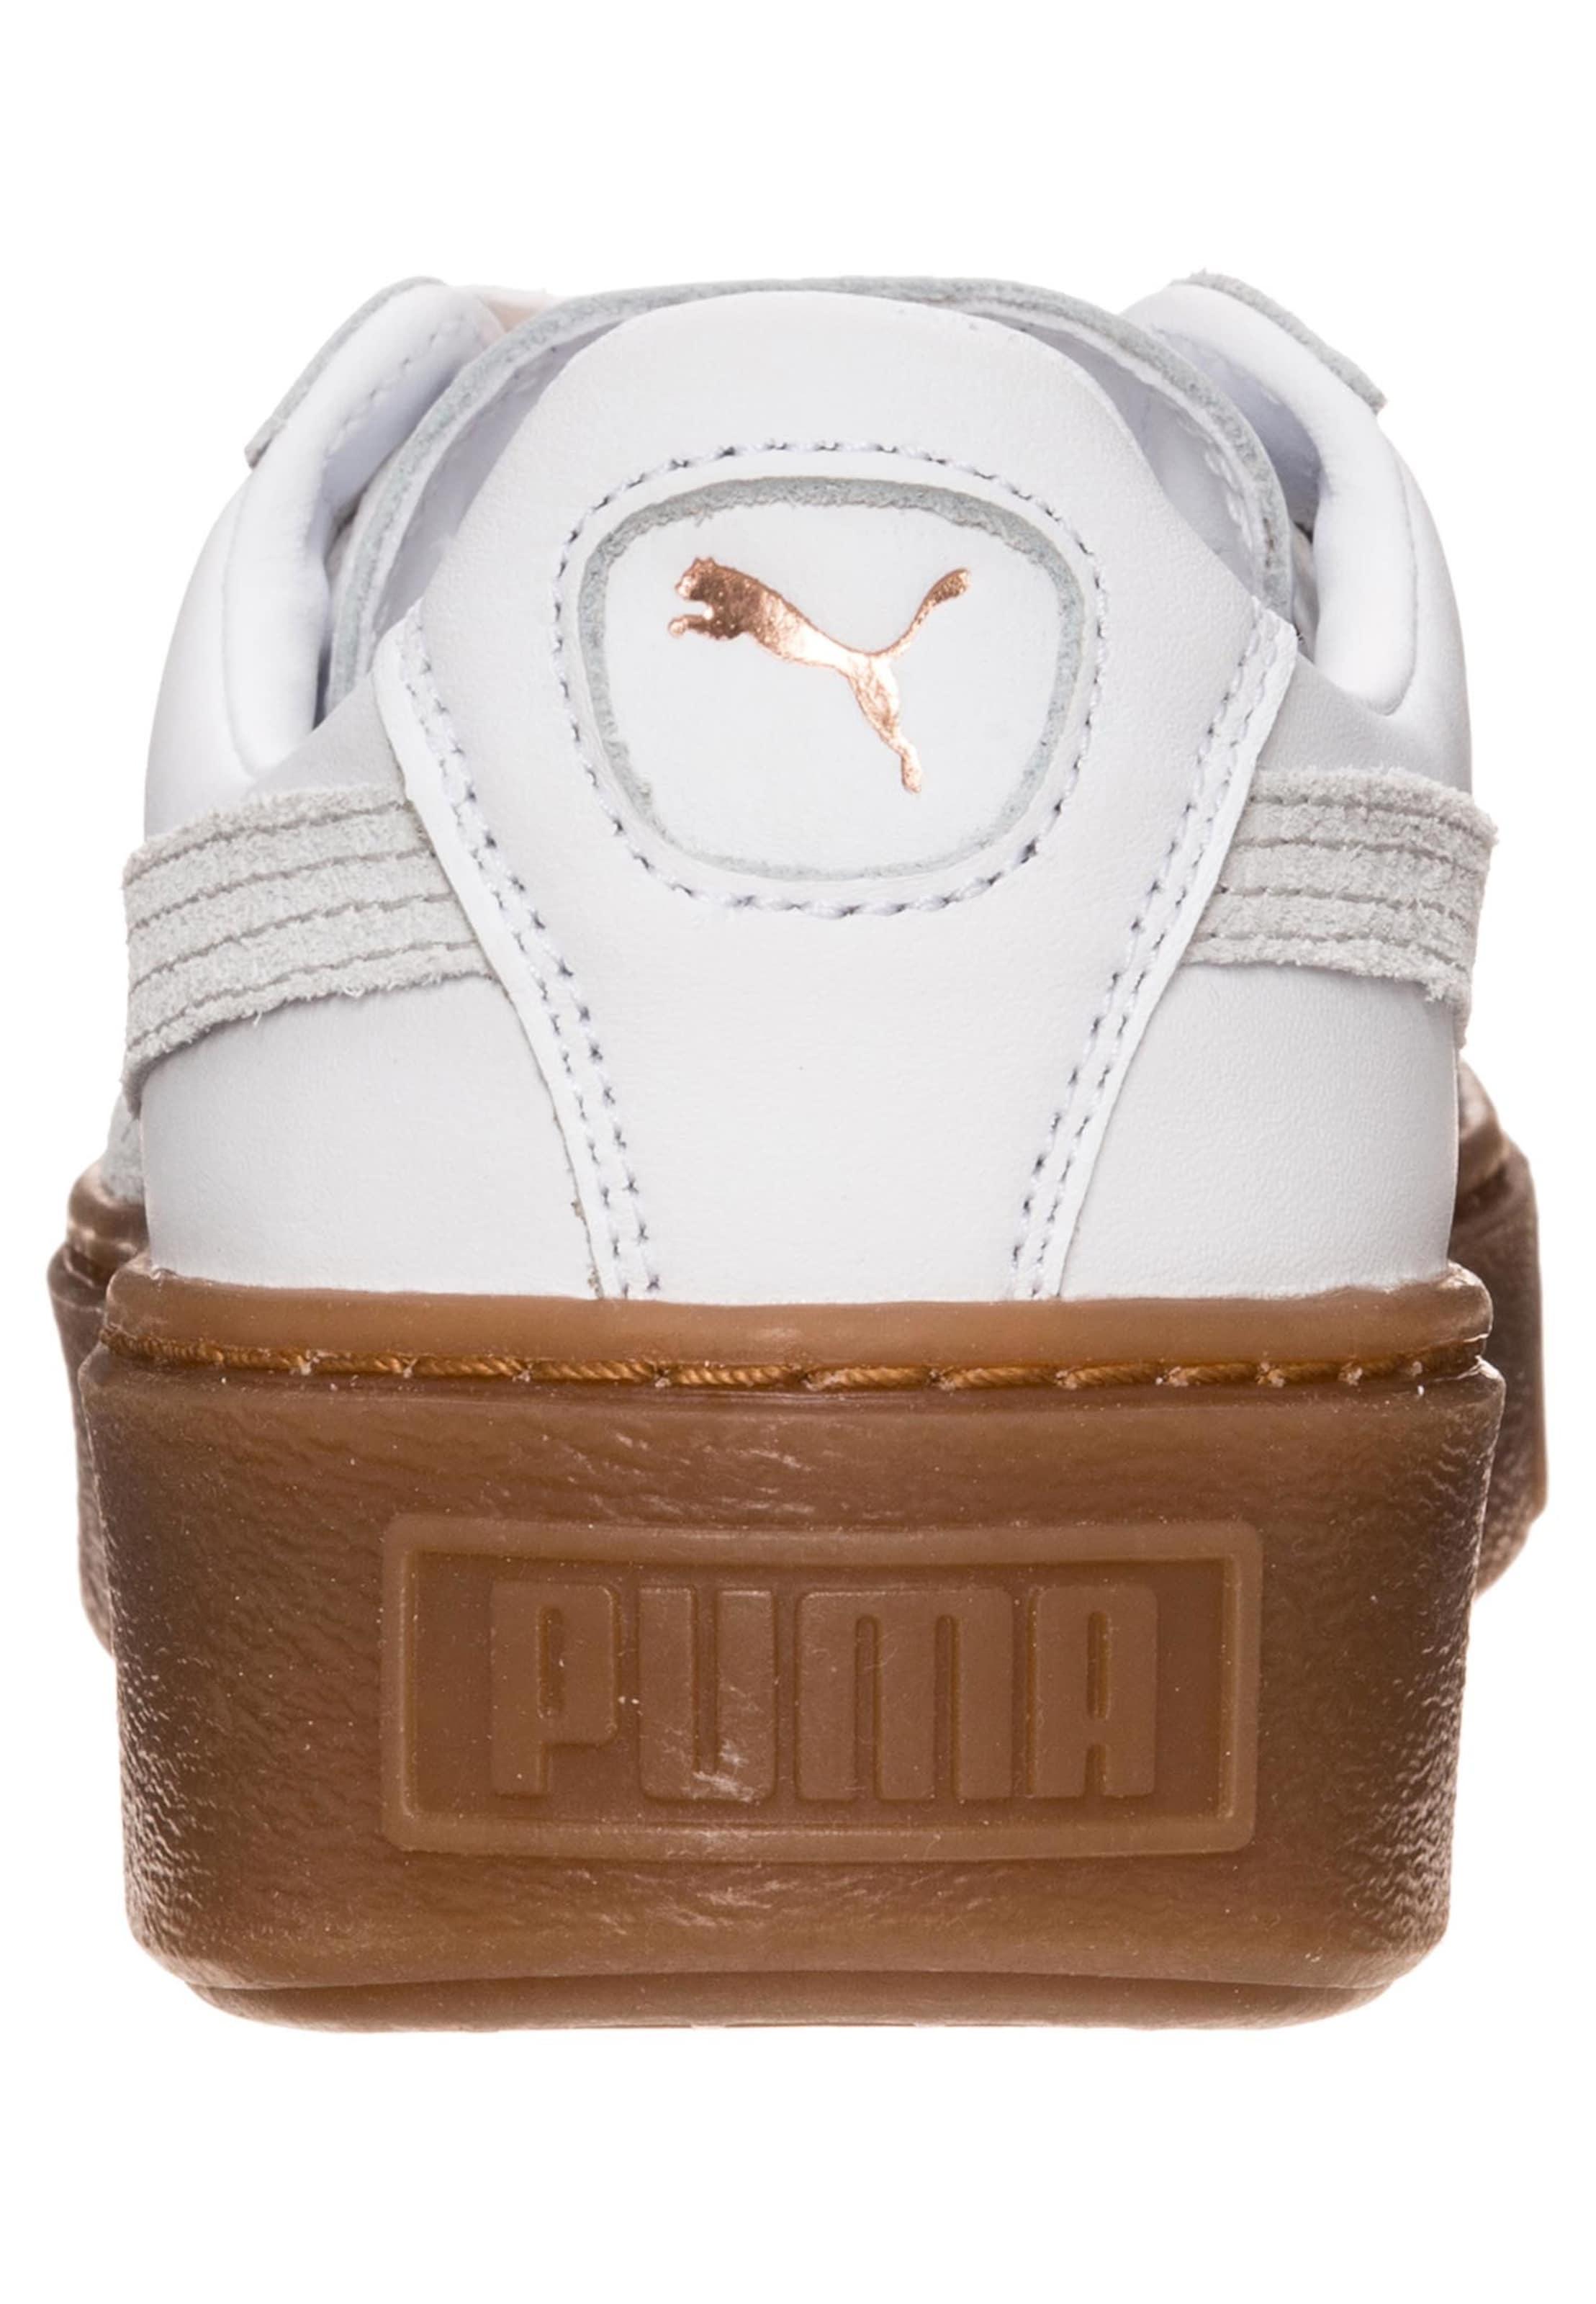 PUMA 'Basket Platform Euphoria Gum' Sneaker Damen Niedriger Versand Günstig Online Günstig Kaufen 2018 Neue Verkauf Footaction Freies Verschiffen Extrem xbsRBf